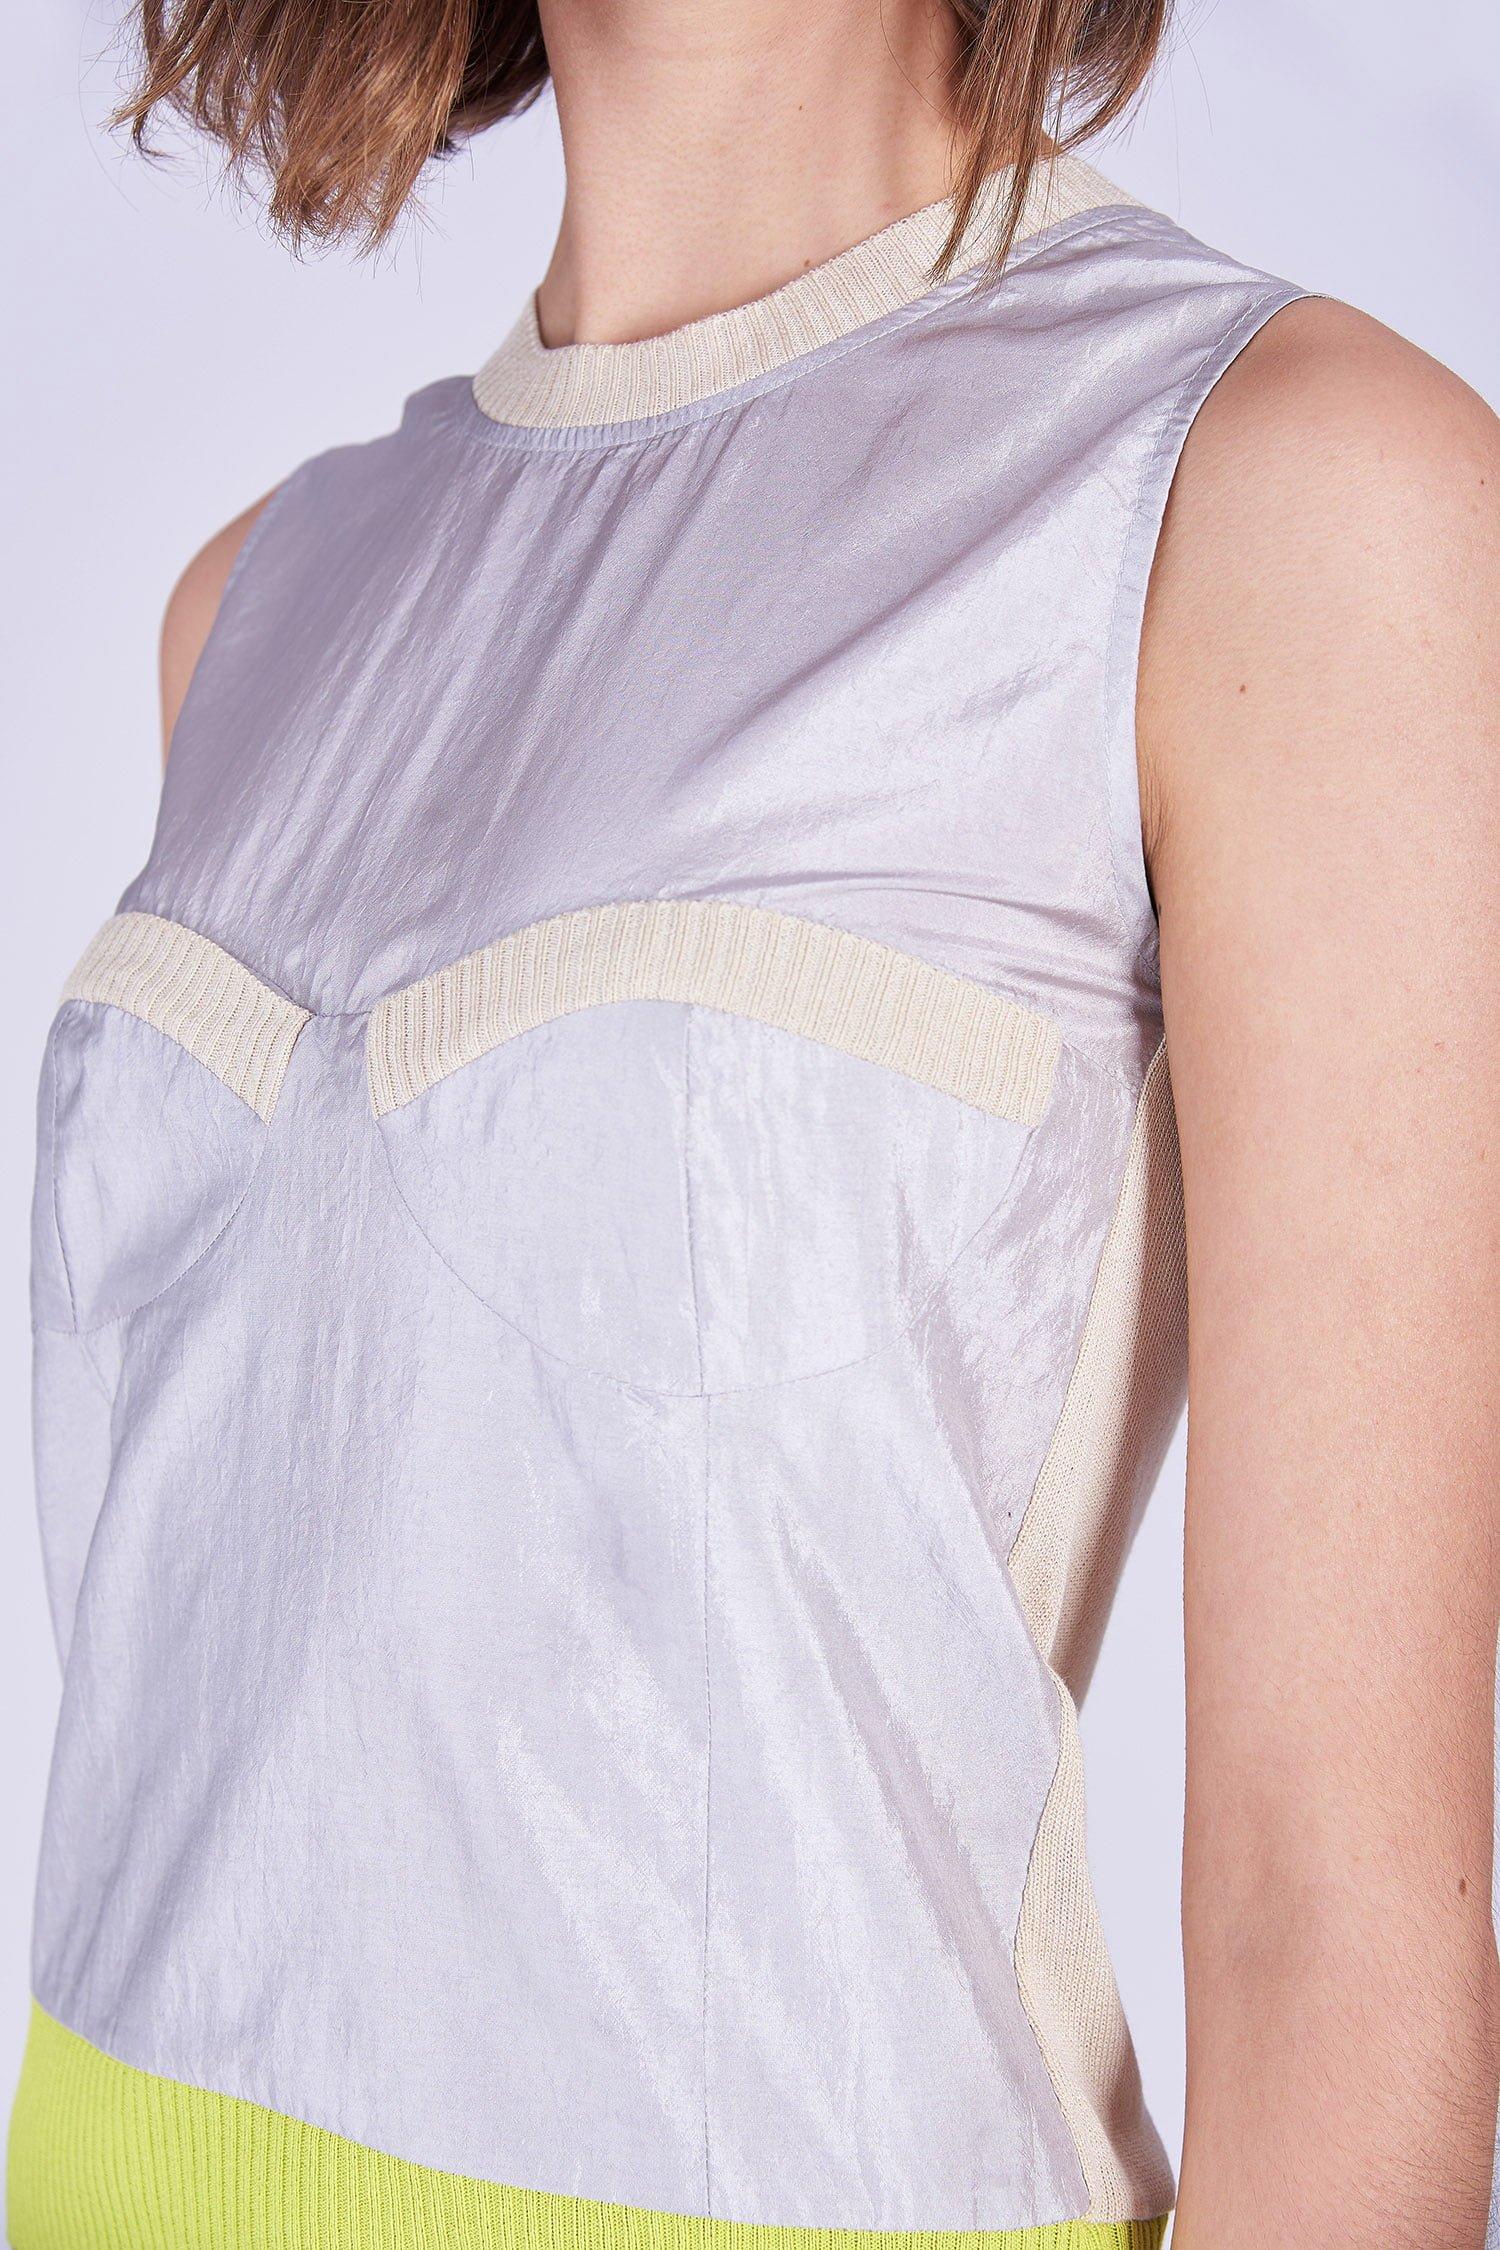 Acephala Ss2020 Silver Bustier Top Beige Cargo Trousers Srebrny Gorsetowy Bezowe Spodnie Detail